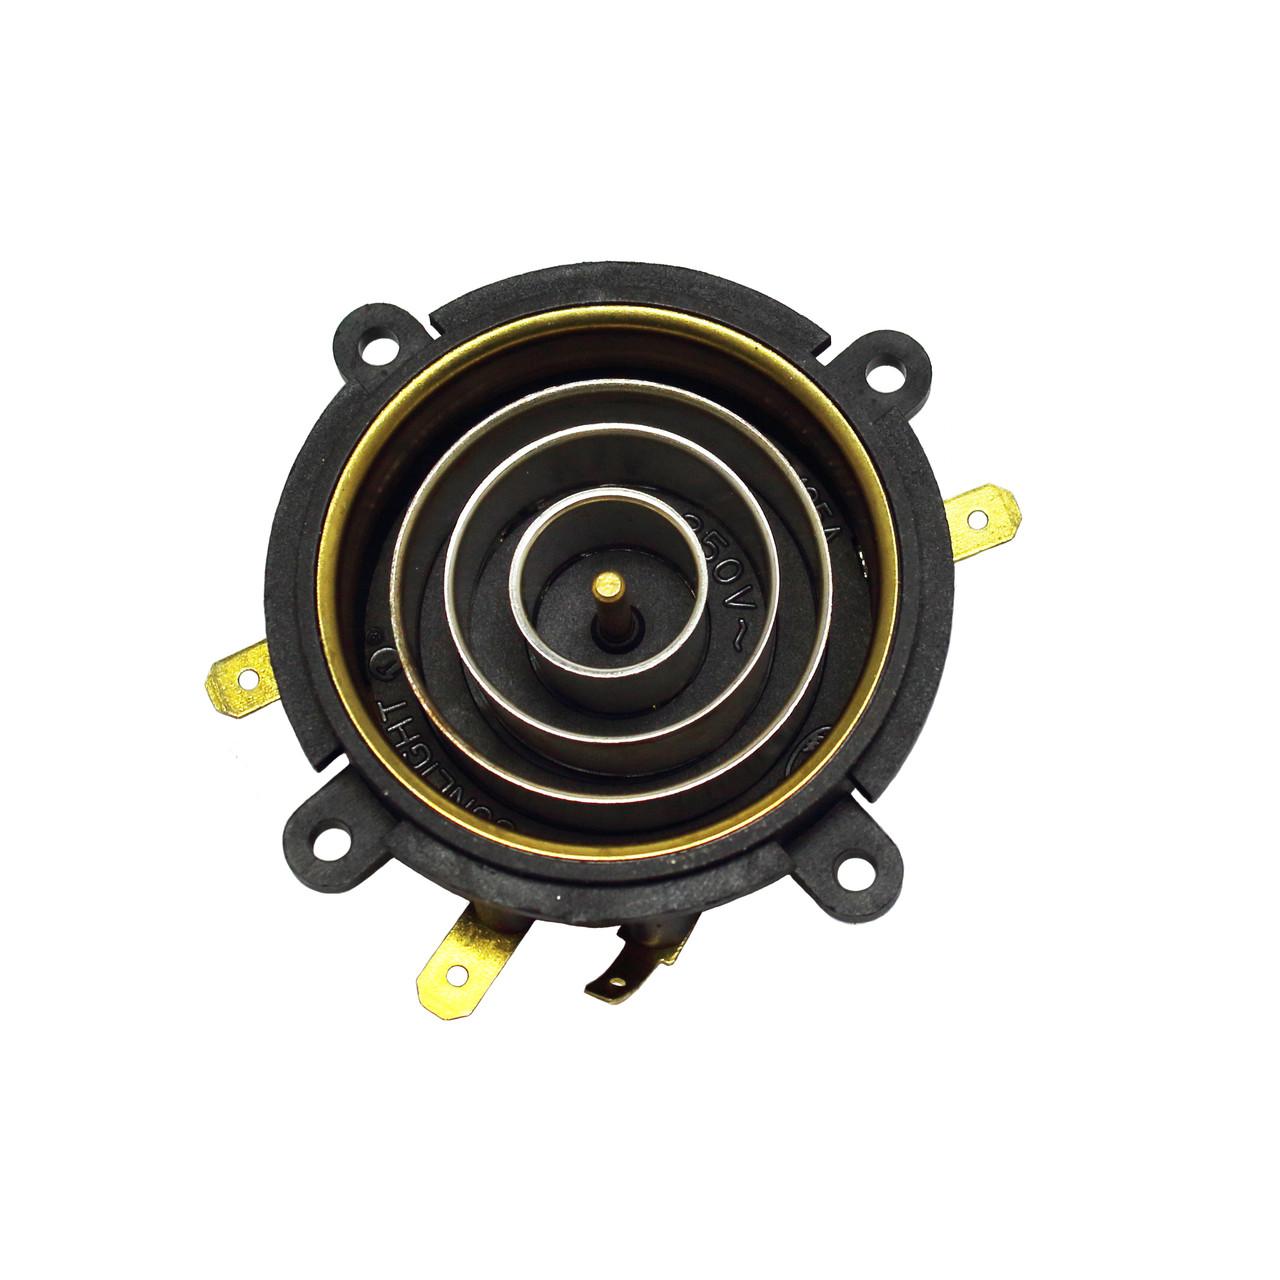 Разъем верхний для электрочайника SLD-185A (5 контактов)